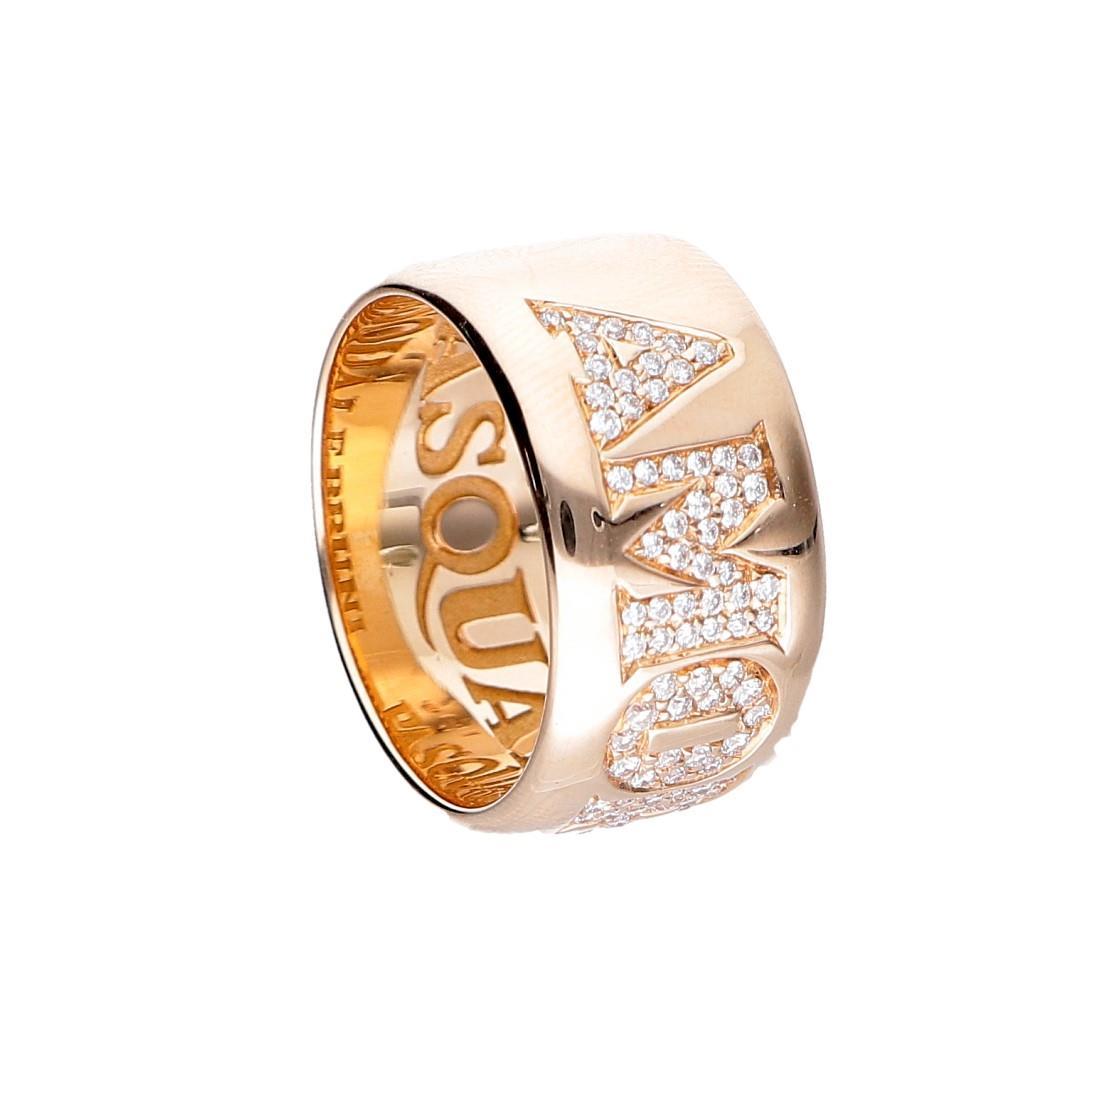 Anello Pasquale Bruni in oro rosa Amore con diamanti cts 0,47 - PASQUALE BRUNI